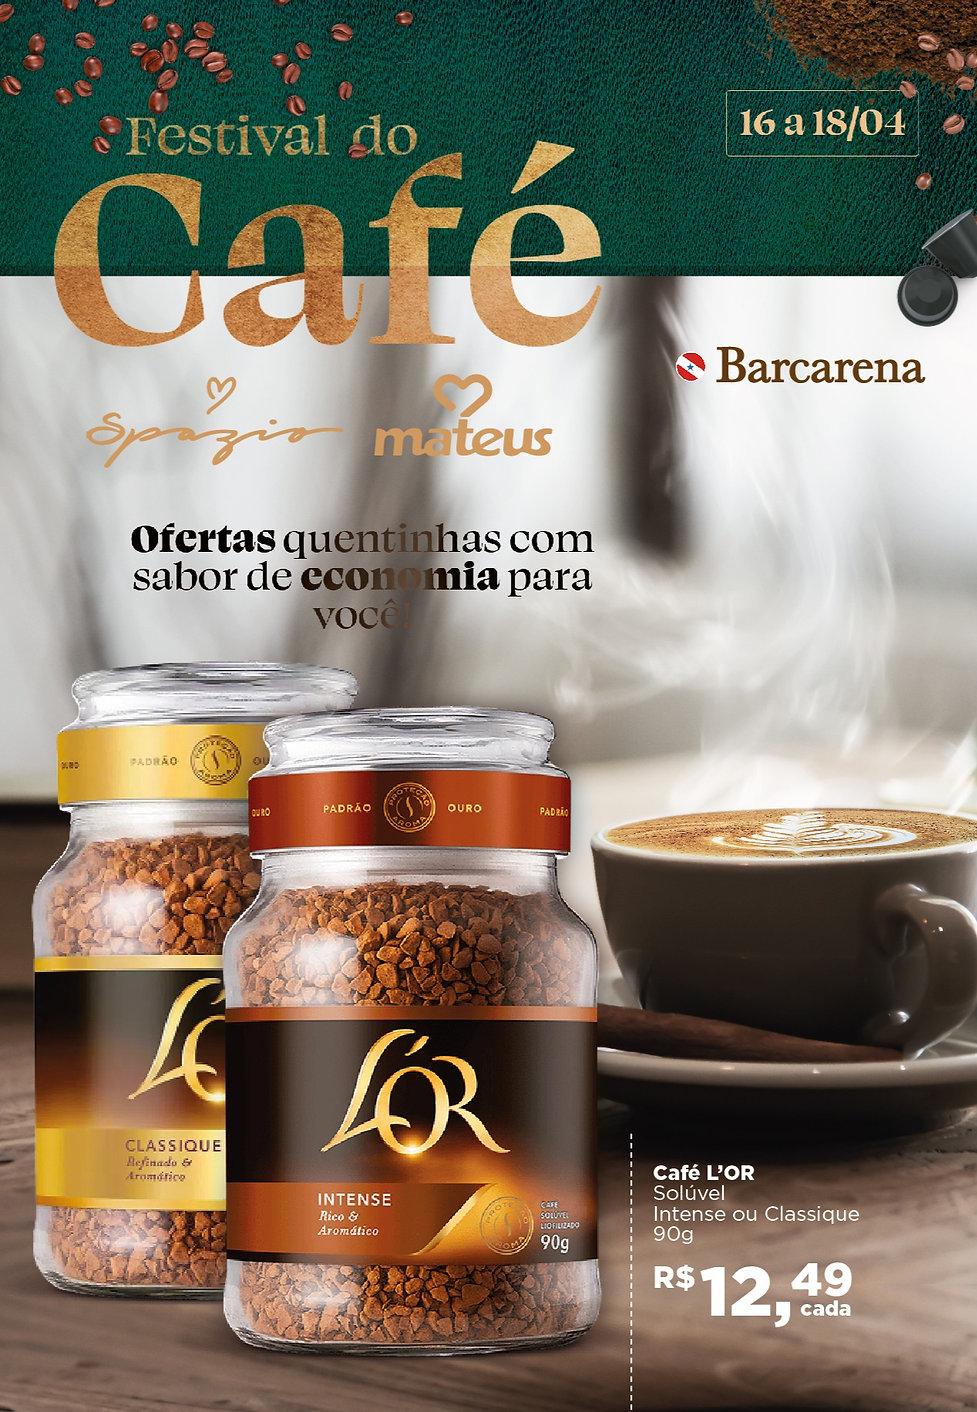 Encarte_Festival_de_Cafe%CC%81_Barcarena